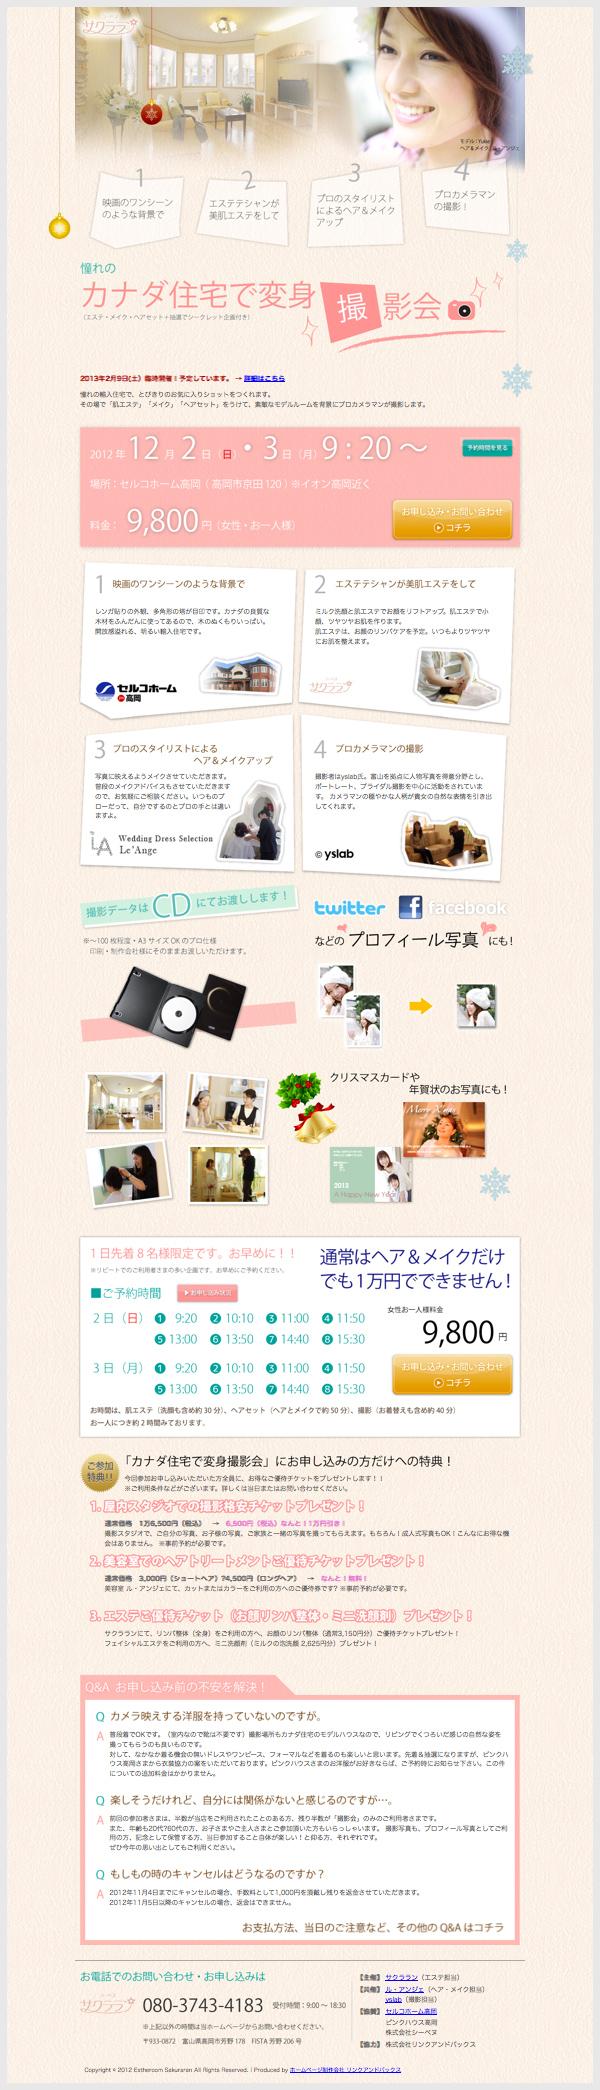 sakuraran_event